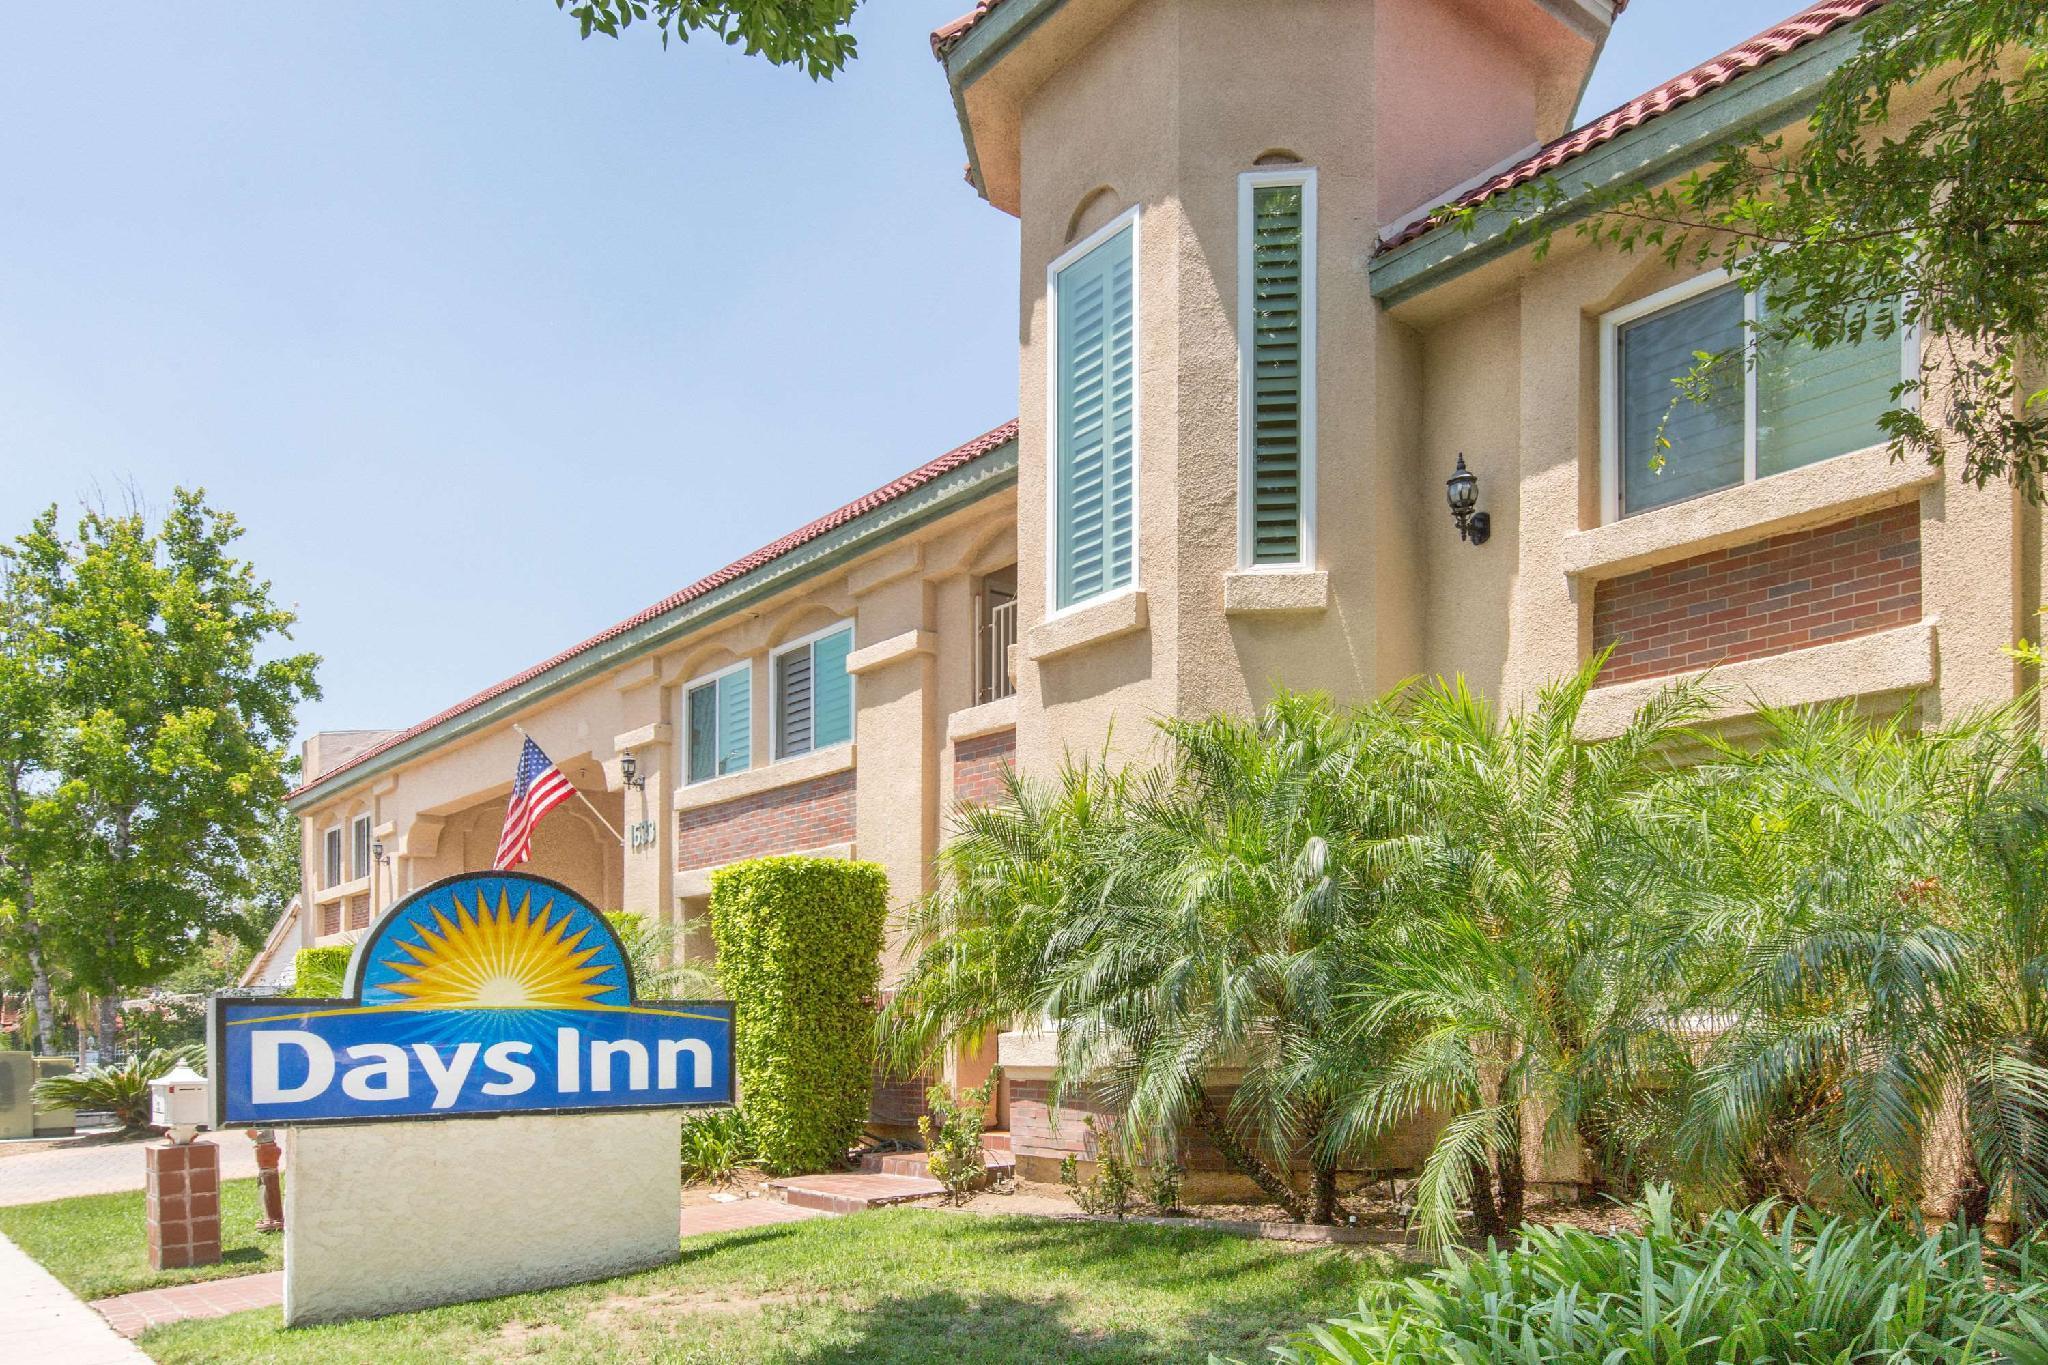 Days Inn By Wyndham Near City Of Hope